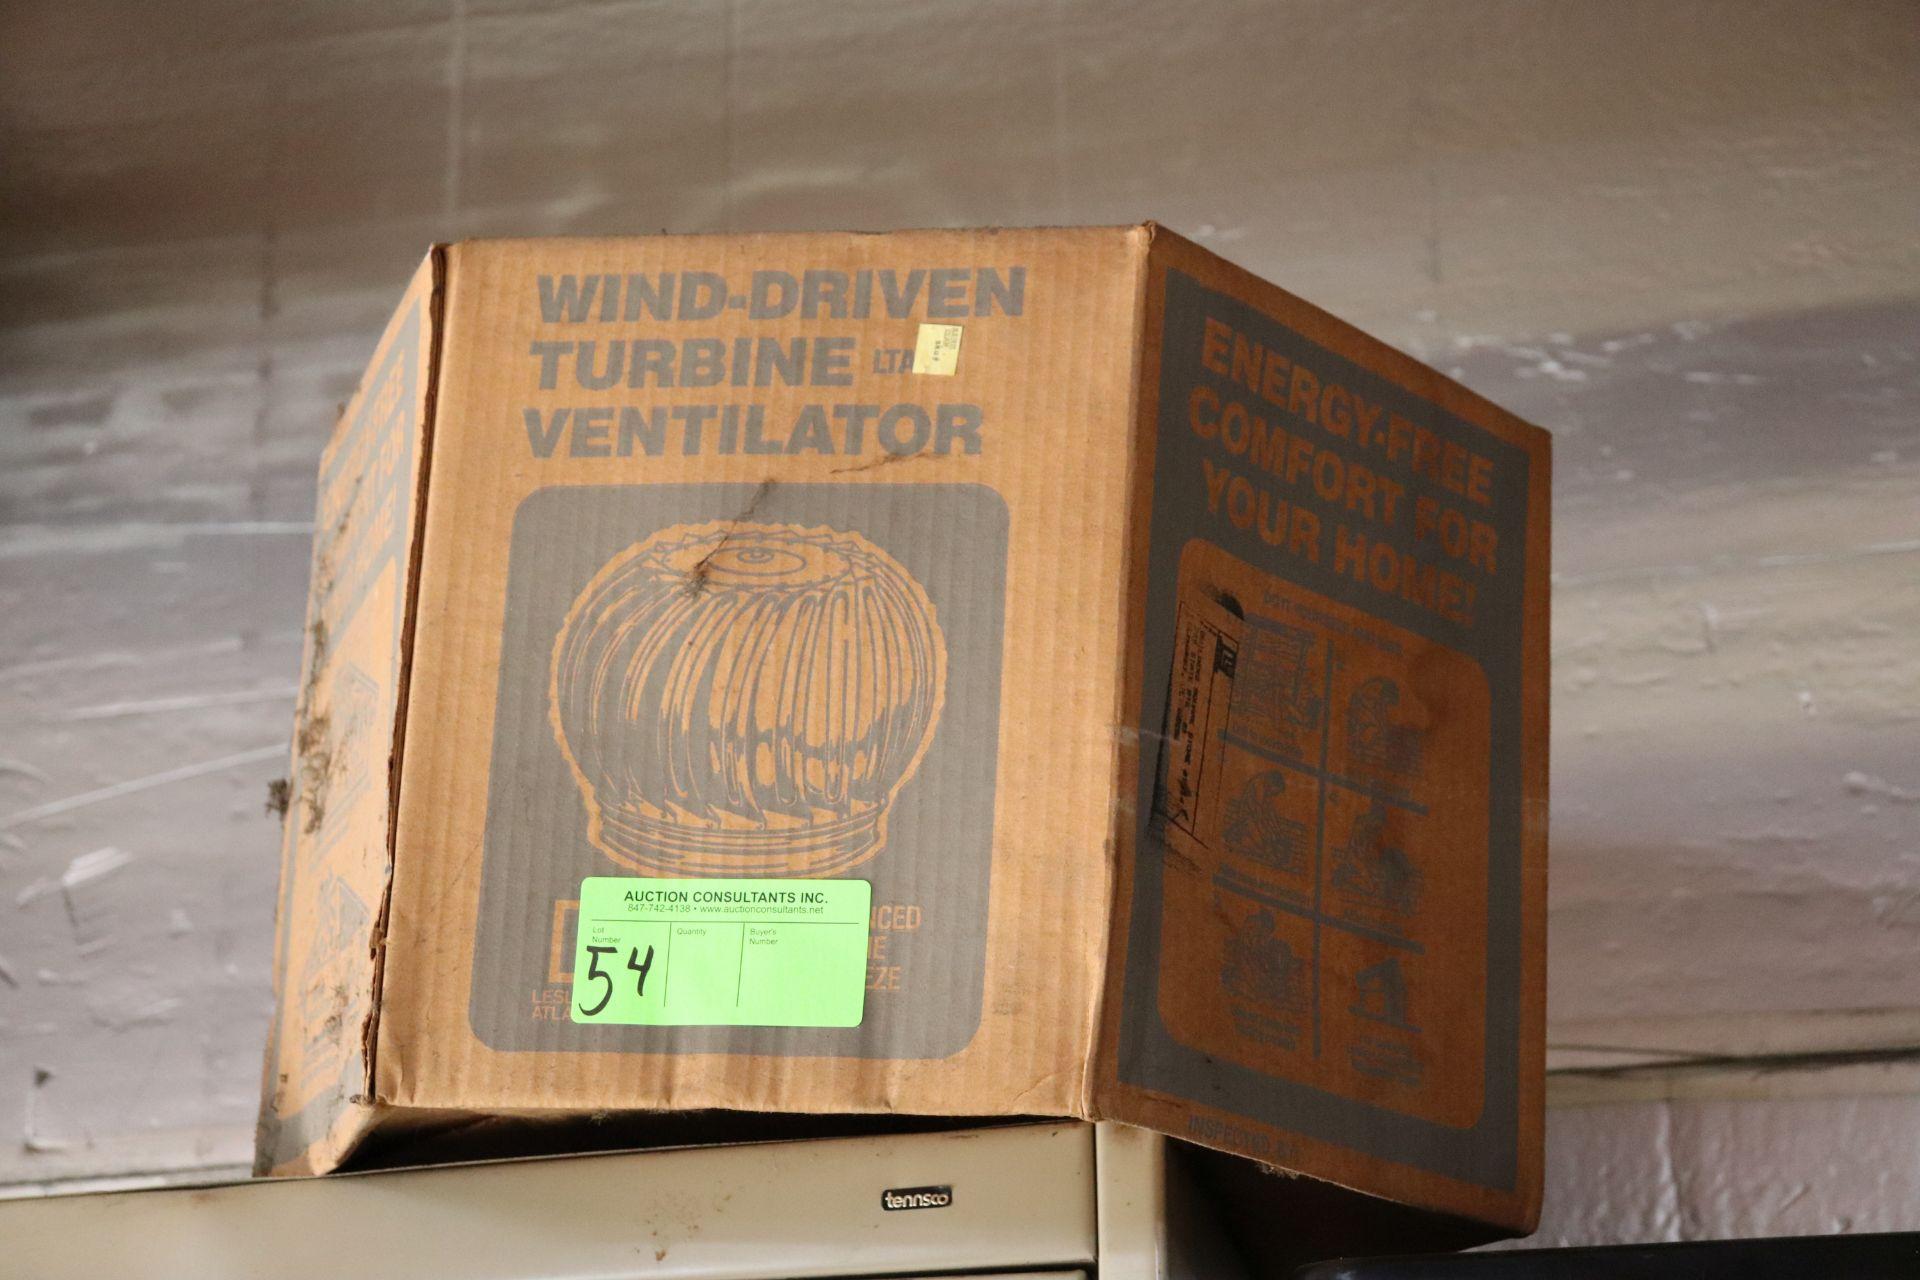 Wind driven turbine ventilator, new in box